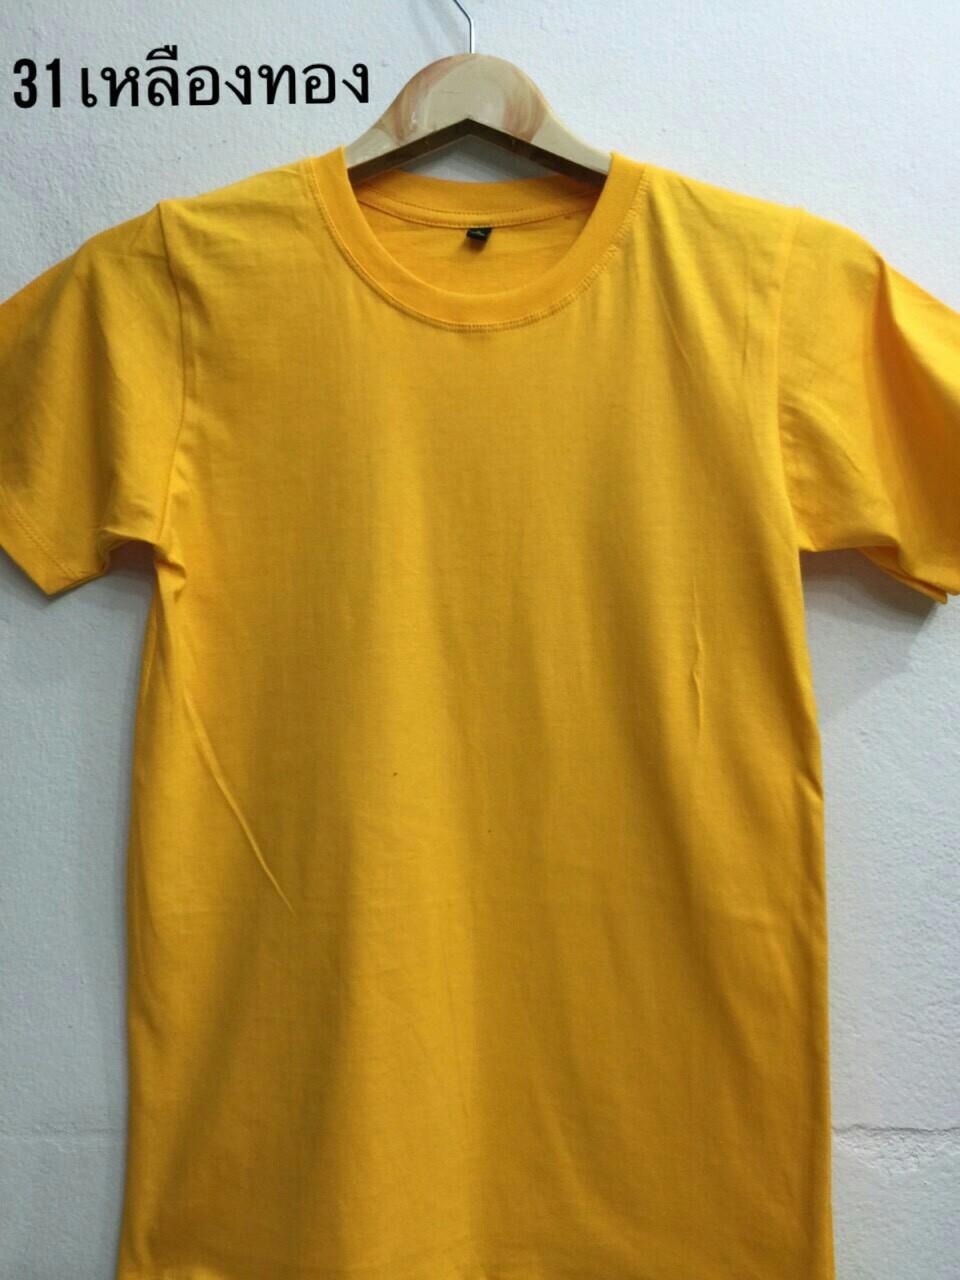 เสื้อ Cotton สีเหลืองทอง ไซส์ S,M,L